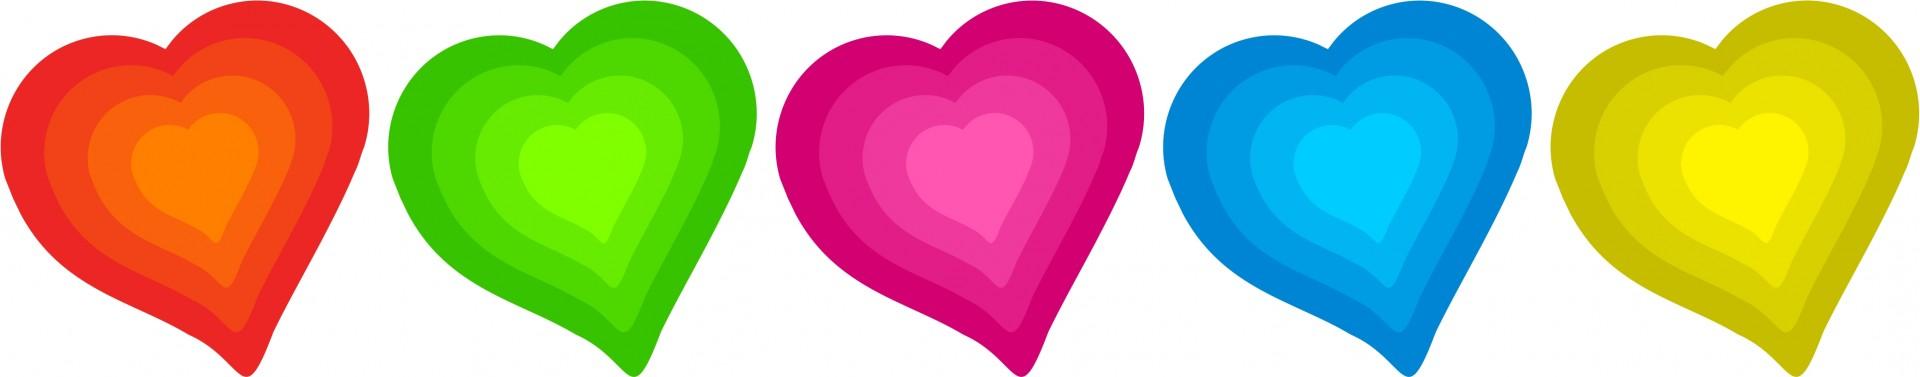 Pretty hearts border clip. Art clipart heart